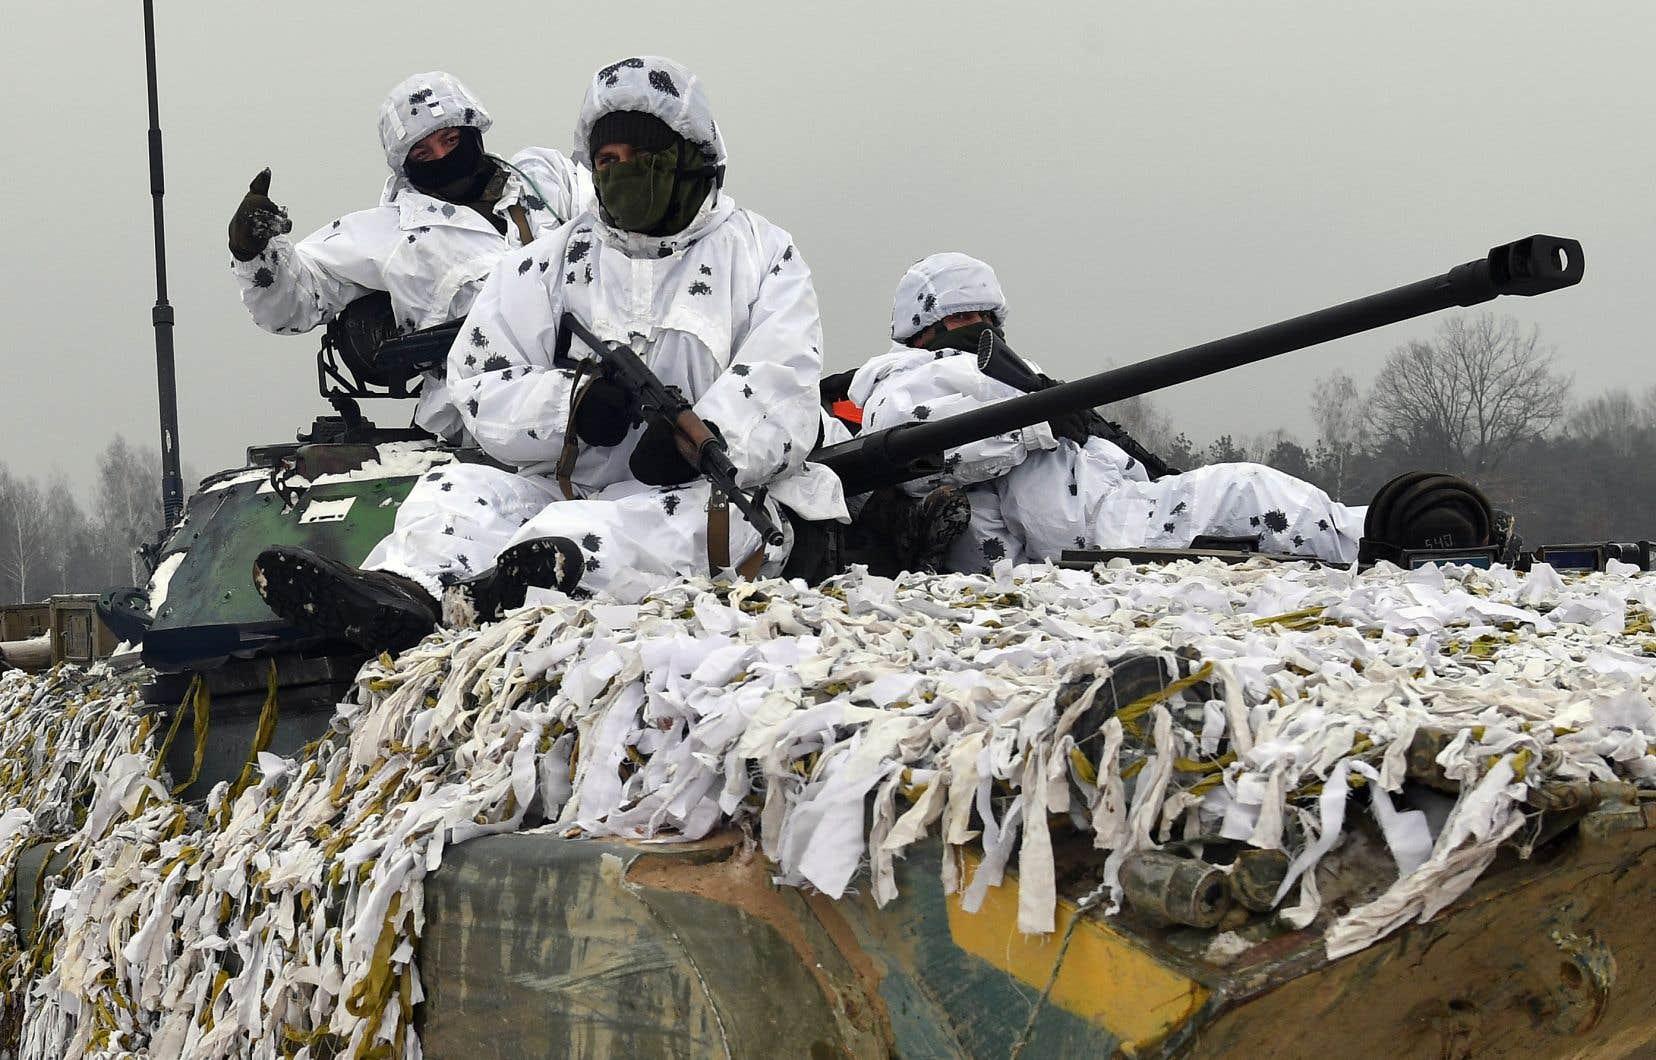 Des soldats ukrainiens lors d'un exercice militaire, près de la frontière russe